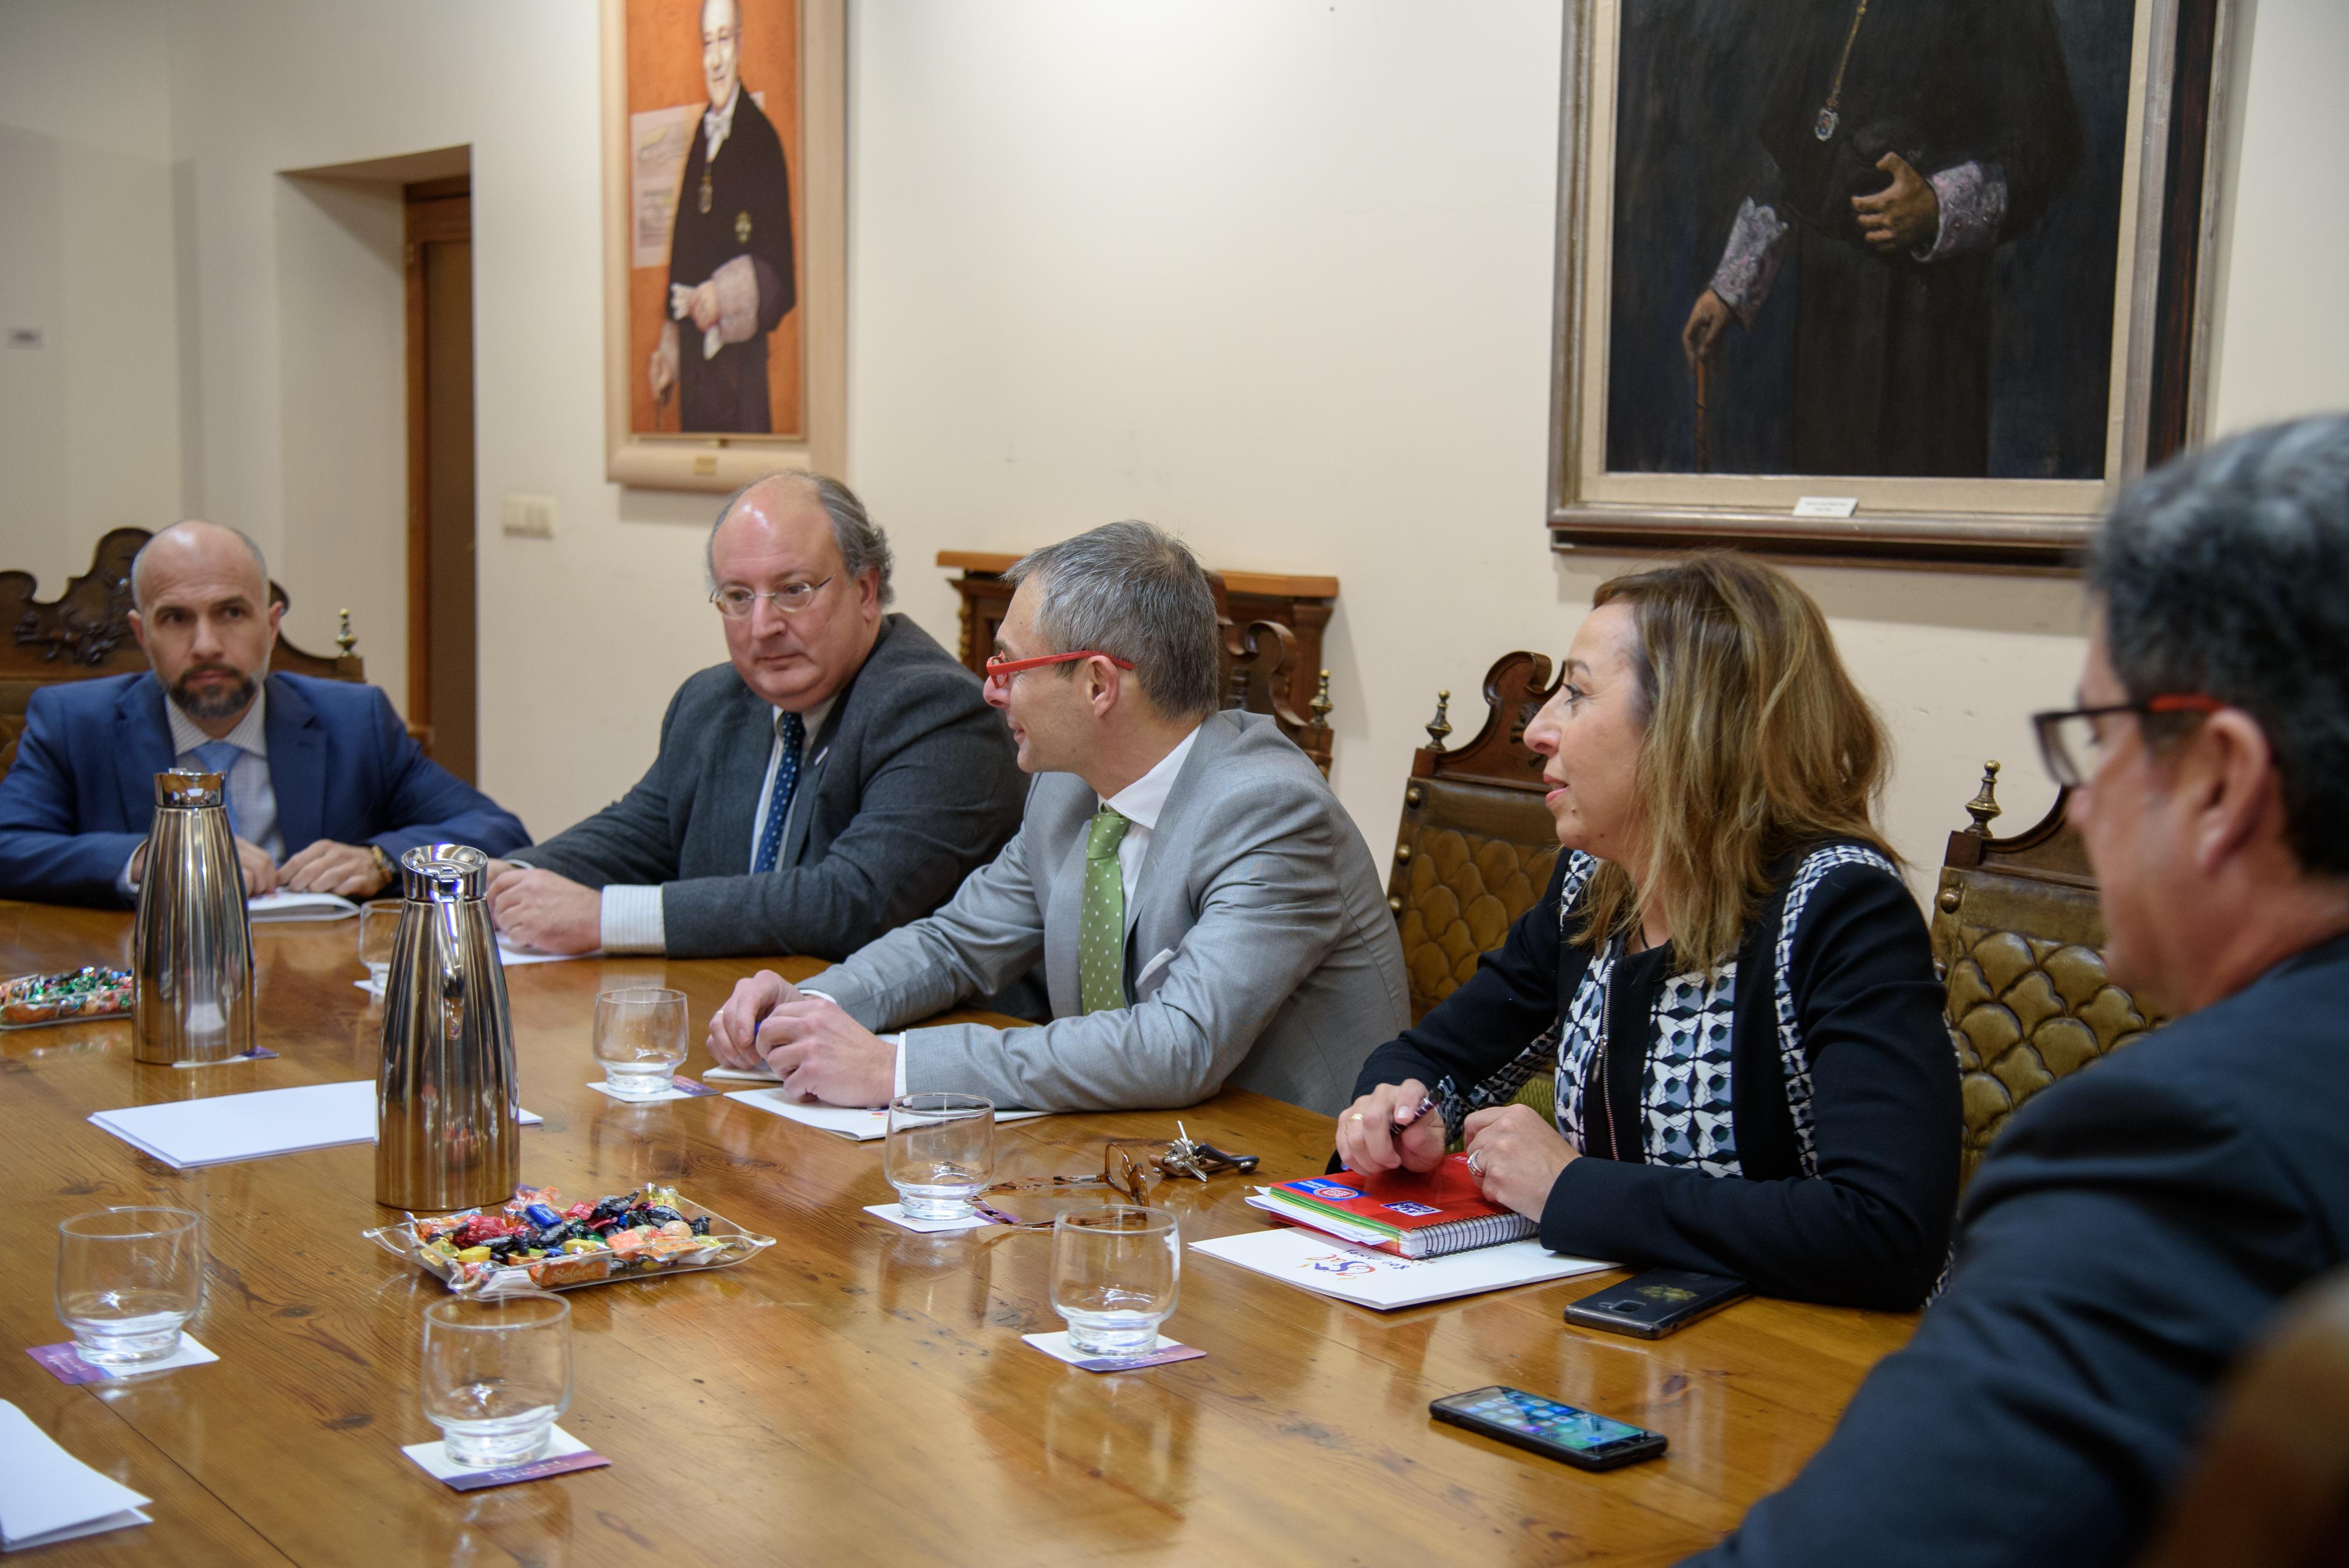 Ayuntamiento y Universidad estrecharán sus lazos para dar aún más oportunidades a los titulados y apoyar a los doctorados en Salamanca